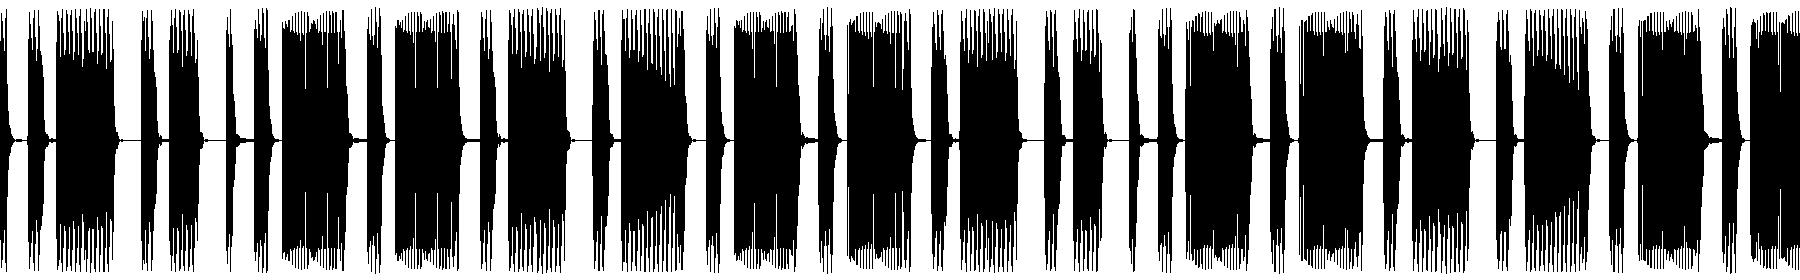 ehu basslp 128 005 a